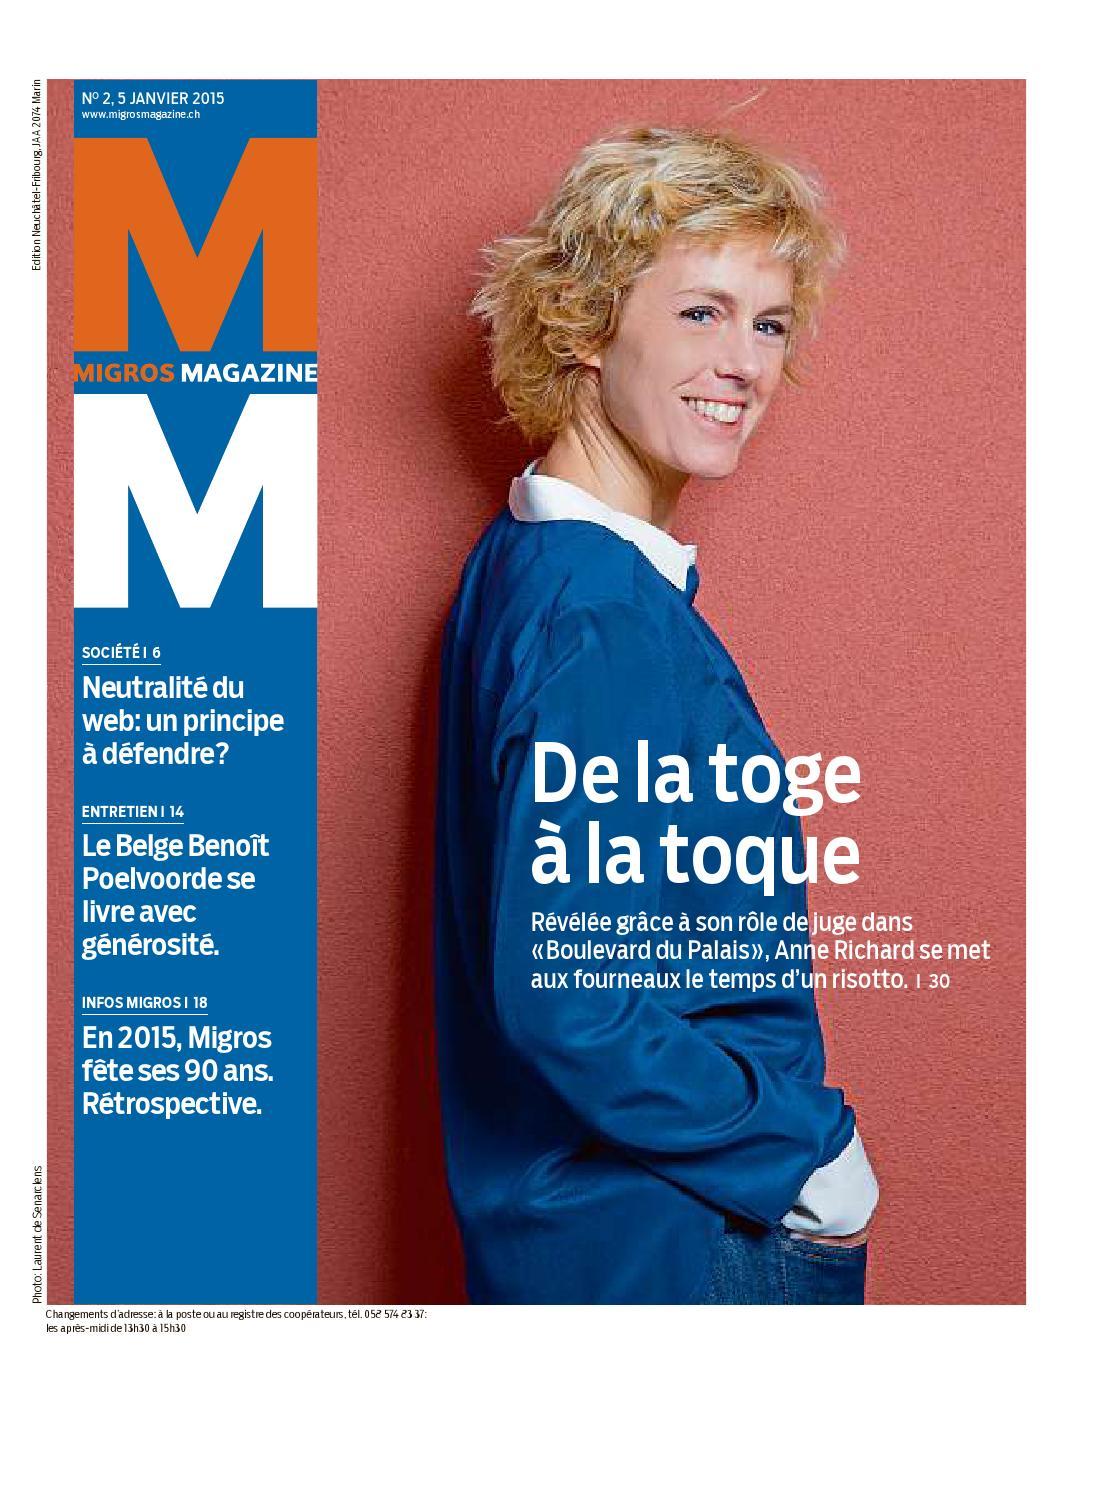 rencontre de femmes celibataires en belgique opfikon